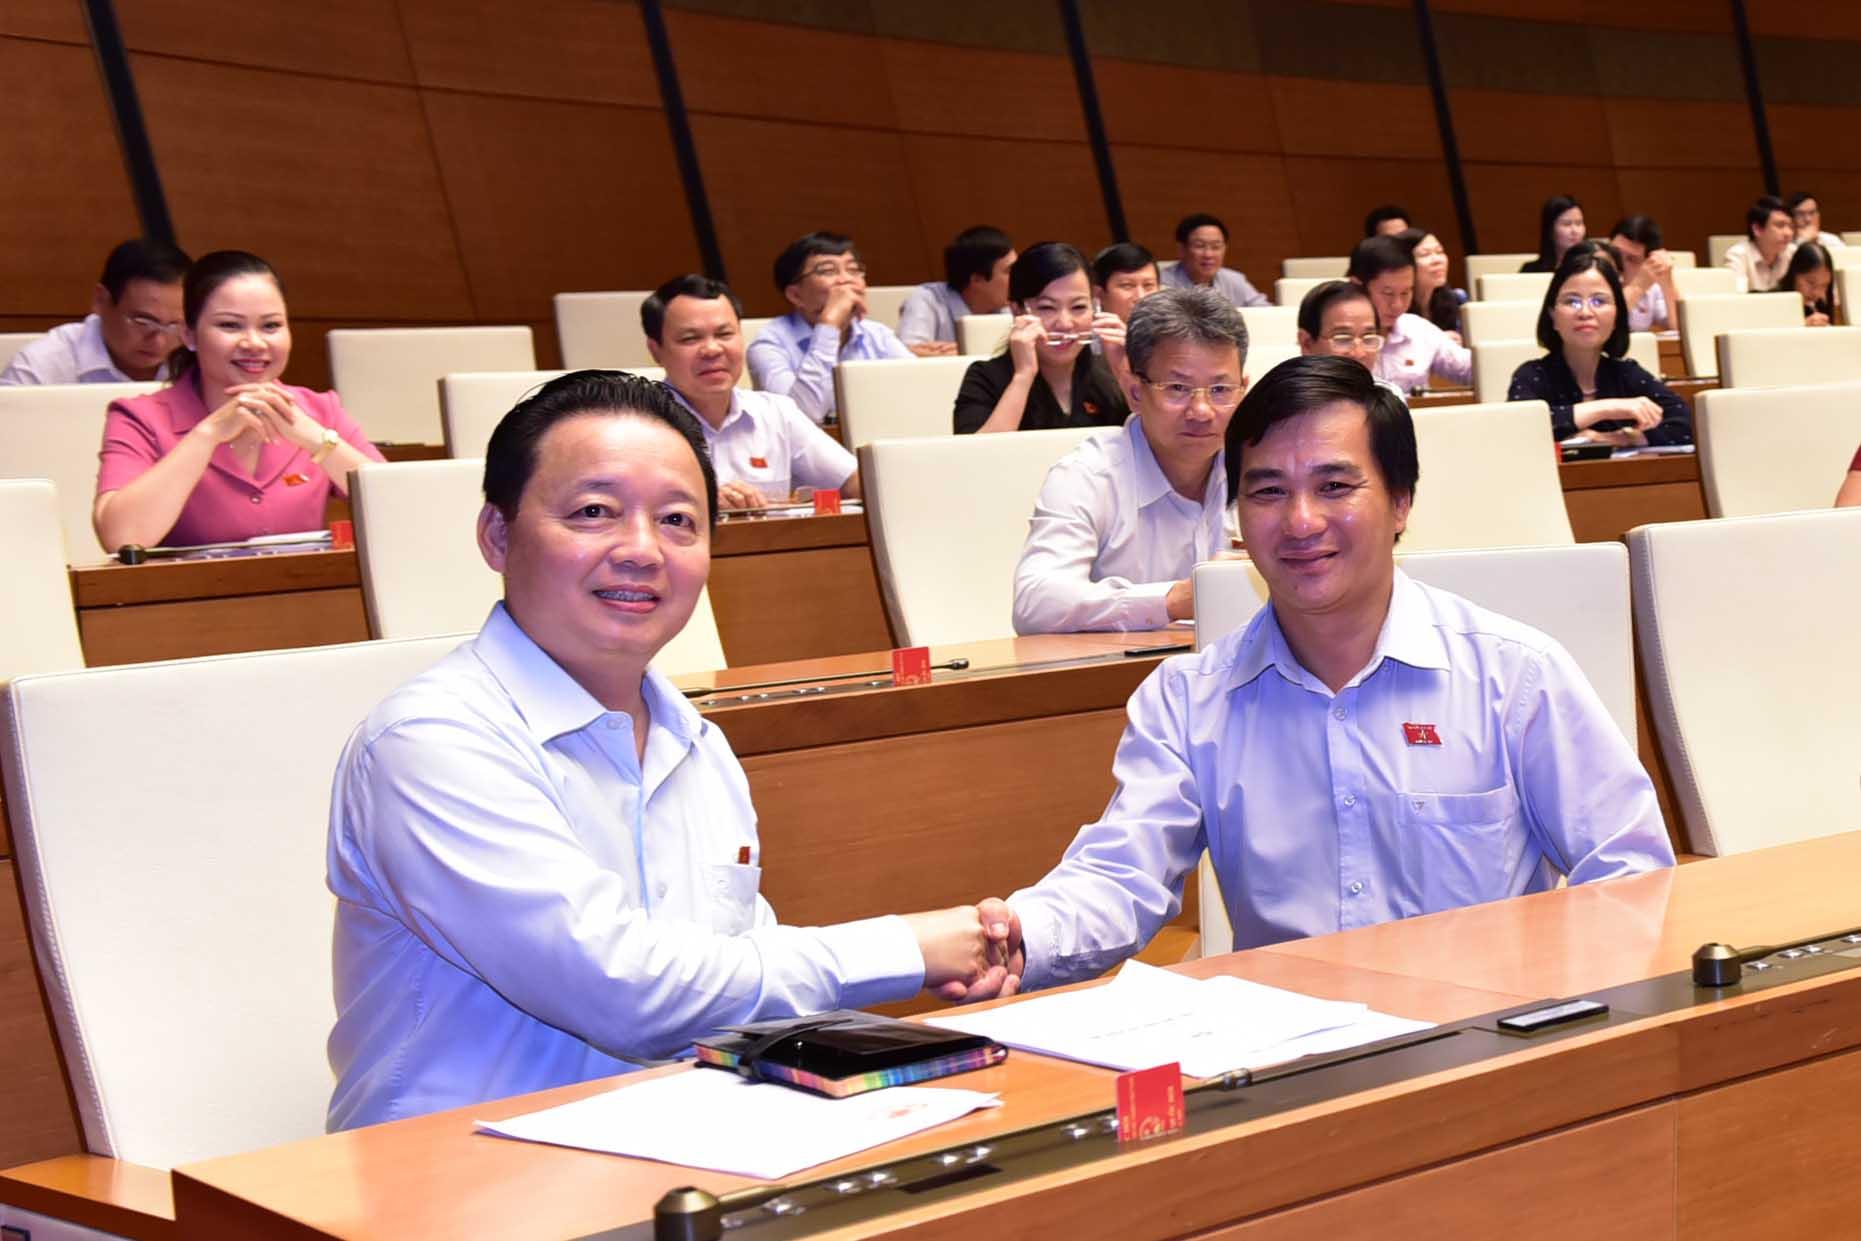 Xuân 2019 -  Mùa xuân bắt đầu các nhiệm vụ lớn  đối với Ngành Đo đạc và Bản đồ Việt Nam